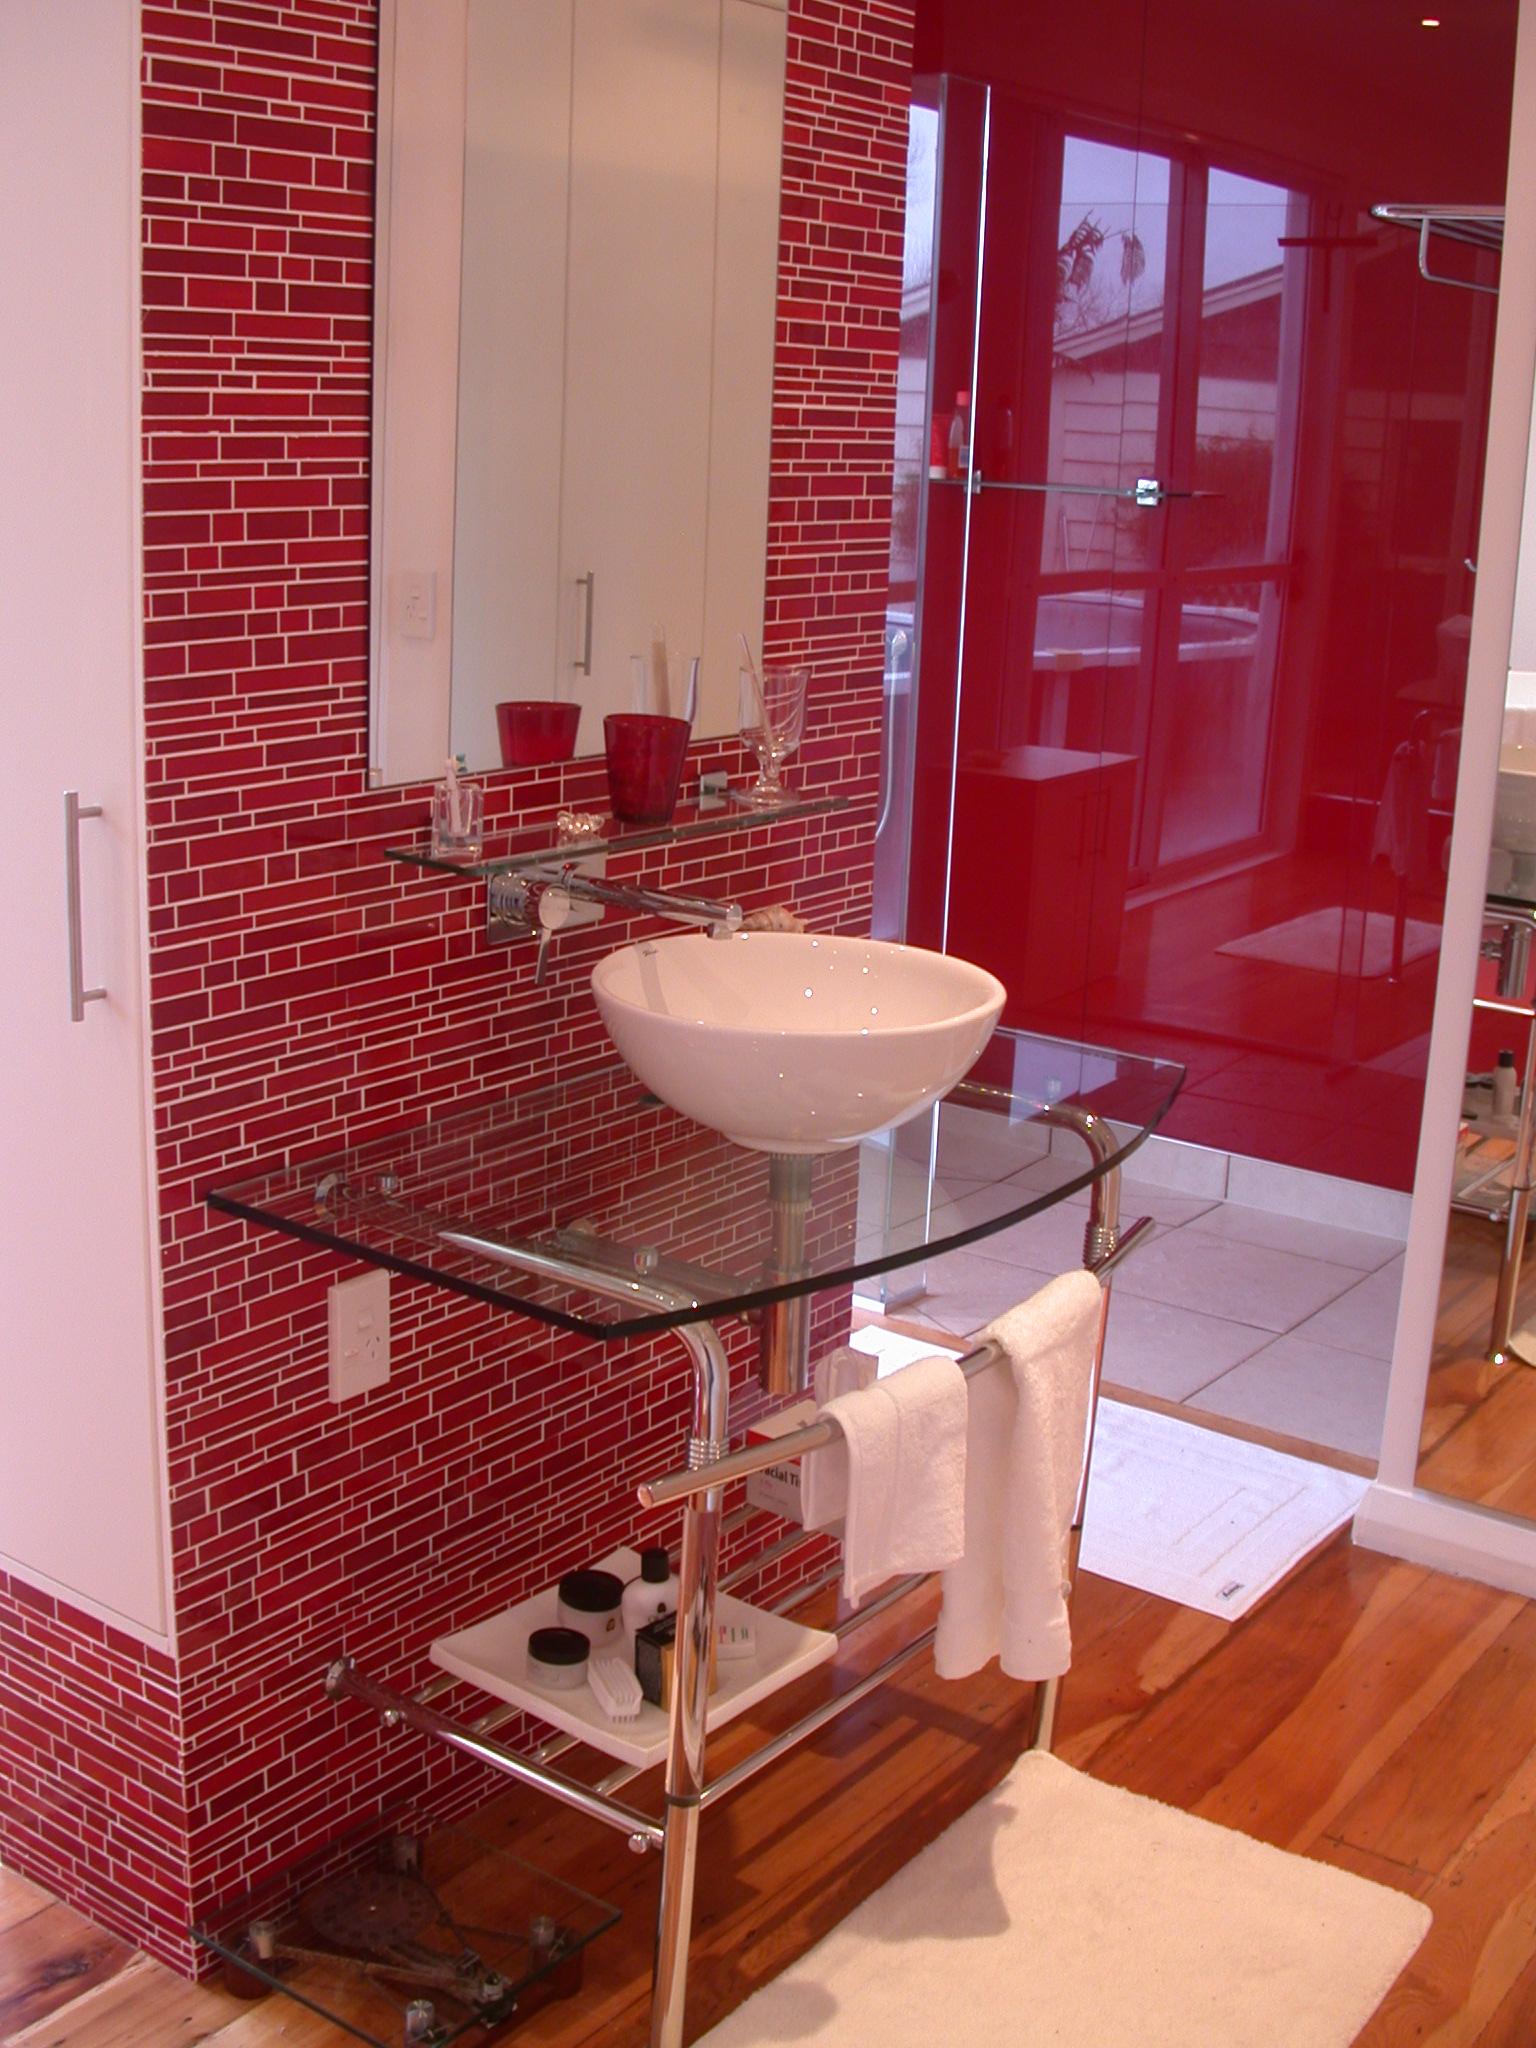 Ambientes modernos decorados en rojo  Decoracion de